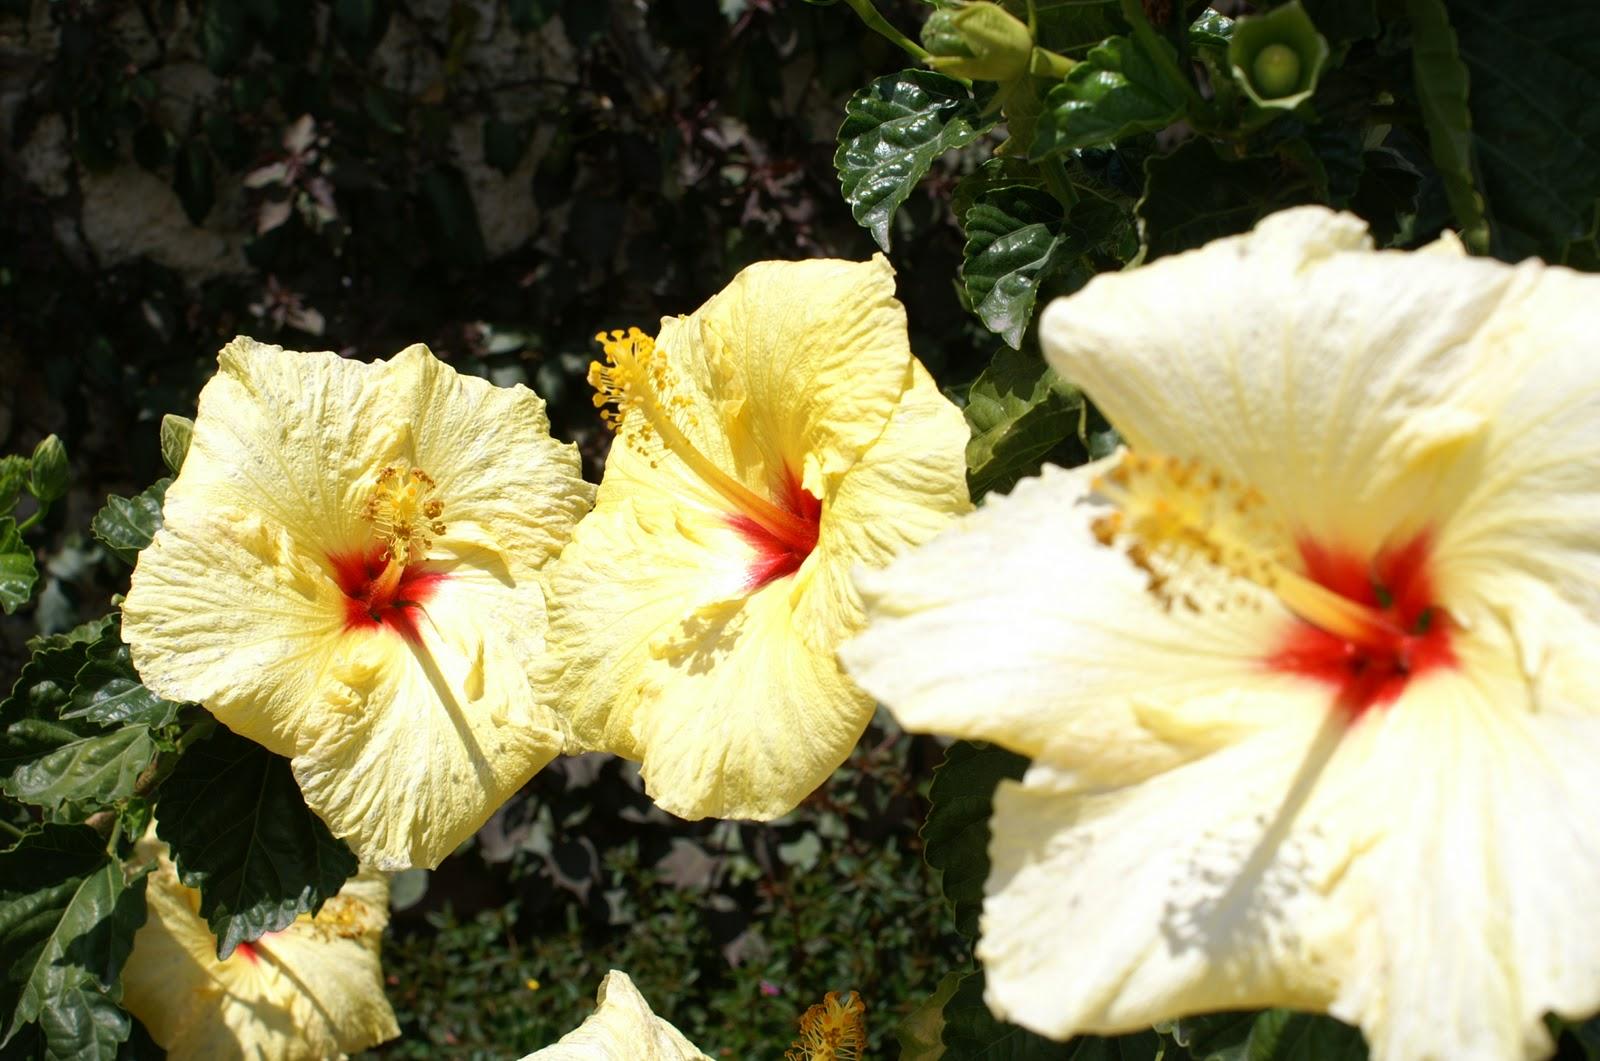 Paipa flowers